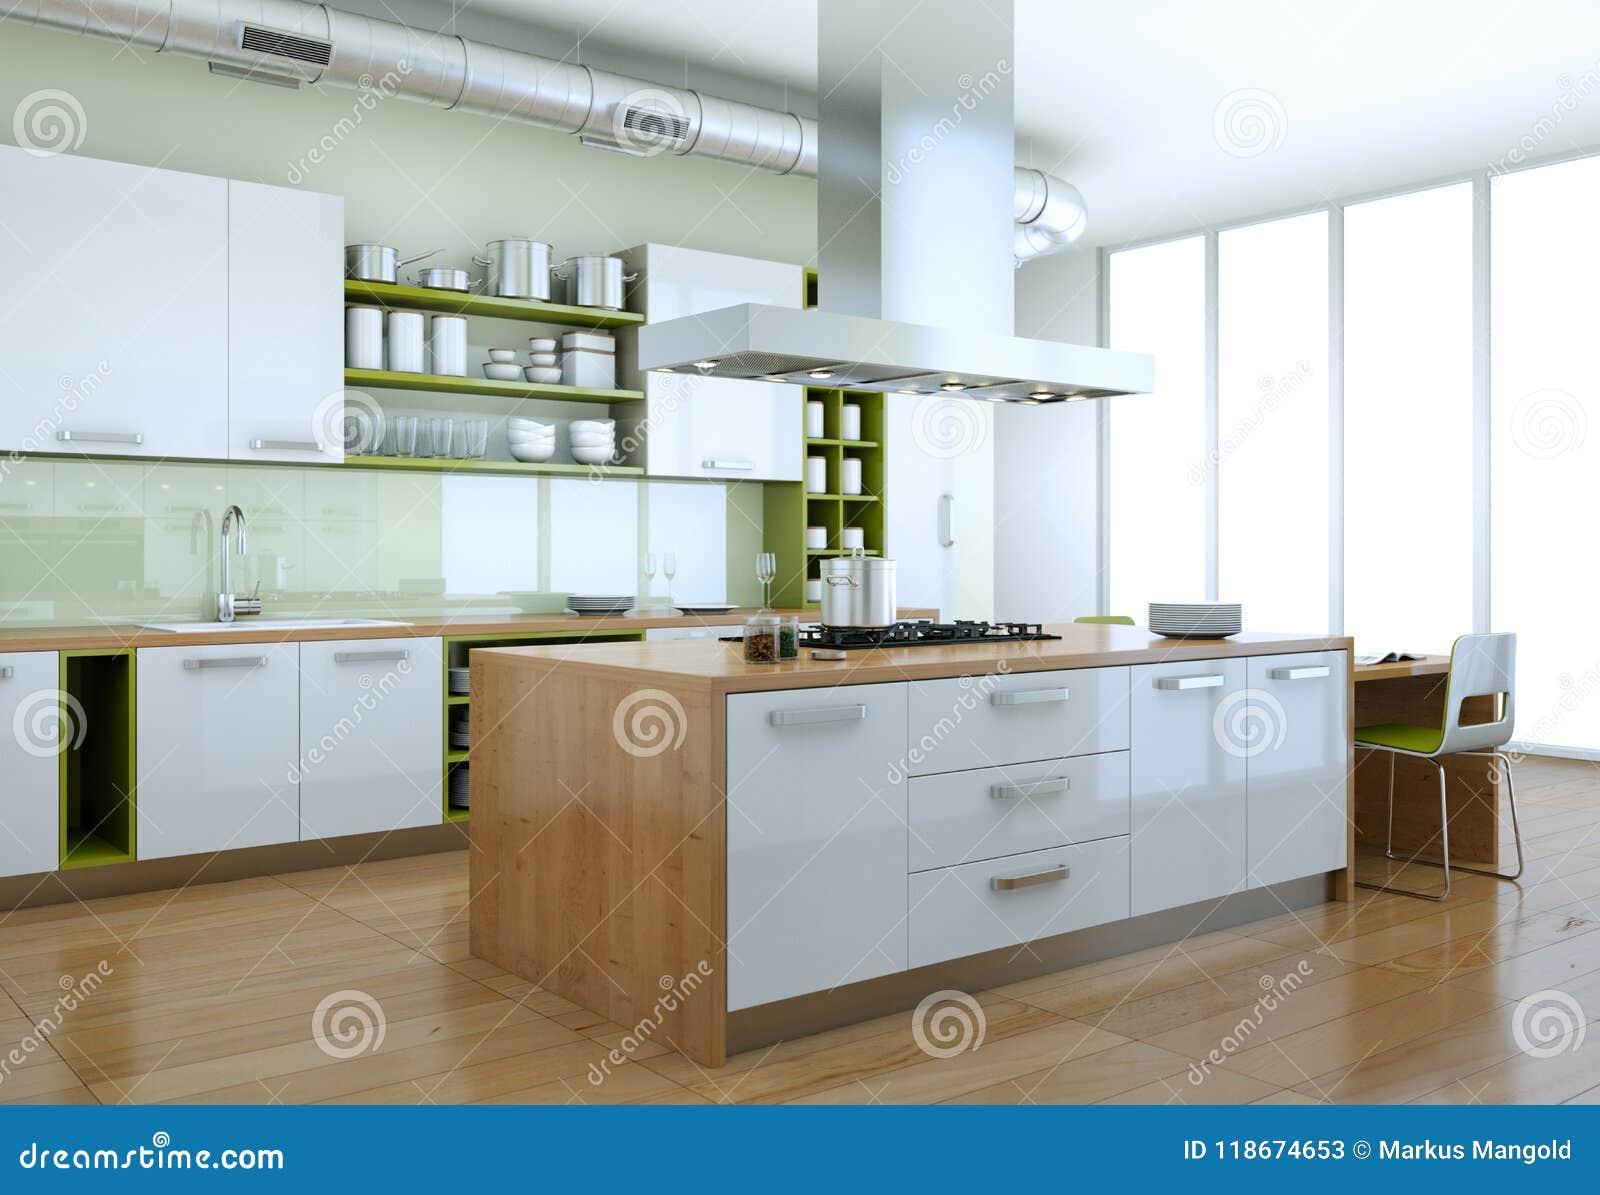 Cuisine Moderne Blanche Avec La Conception Interieure D Elements